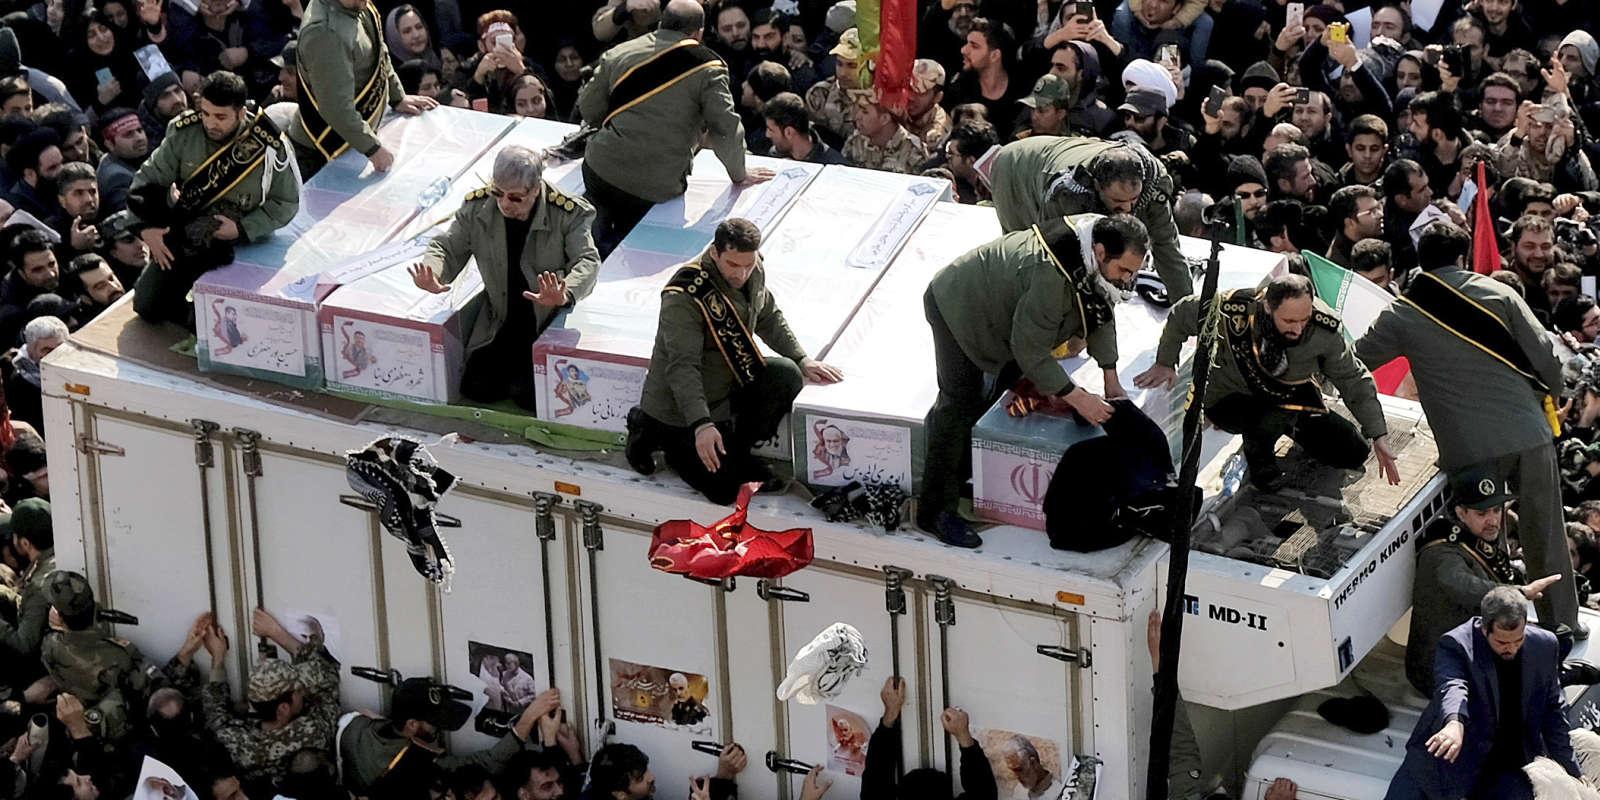 Les cercueils du général Soleimani et des autres Iraniens tués en Irak lors d'une frappe américaine. Ici à Téhéran, le 6 janvier.